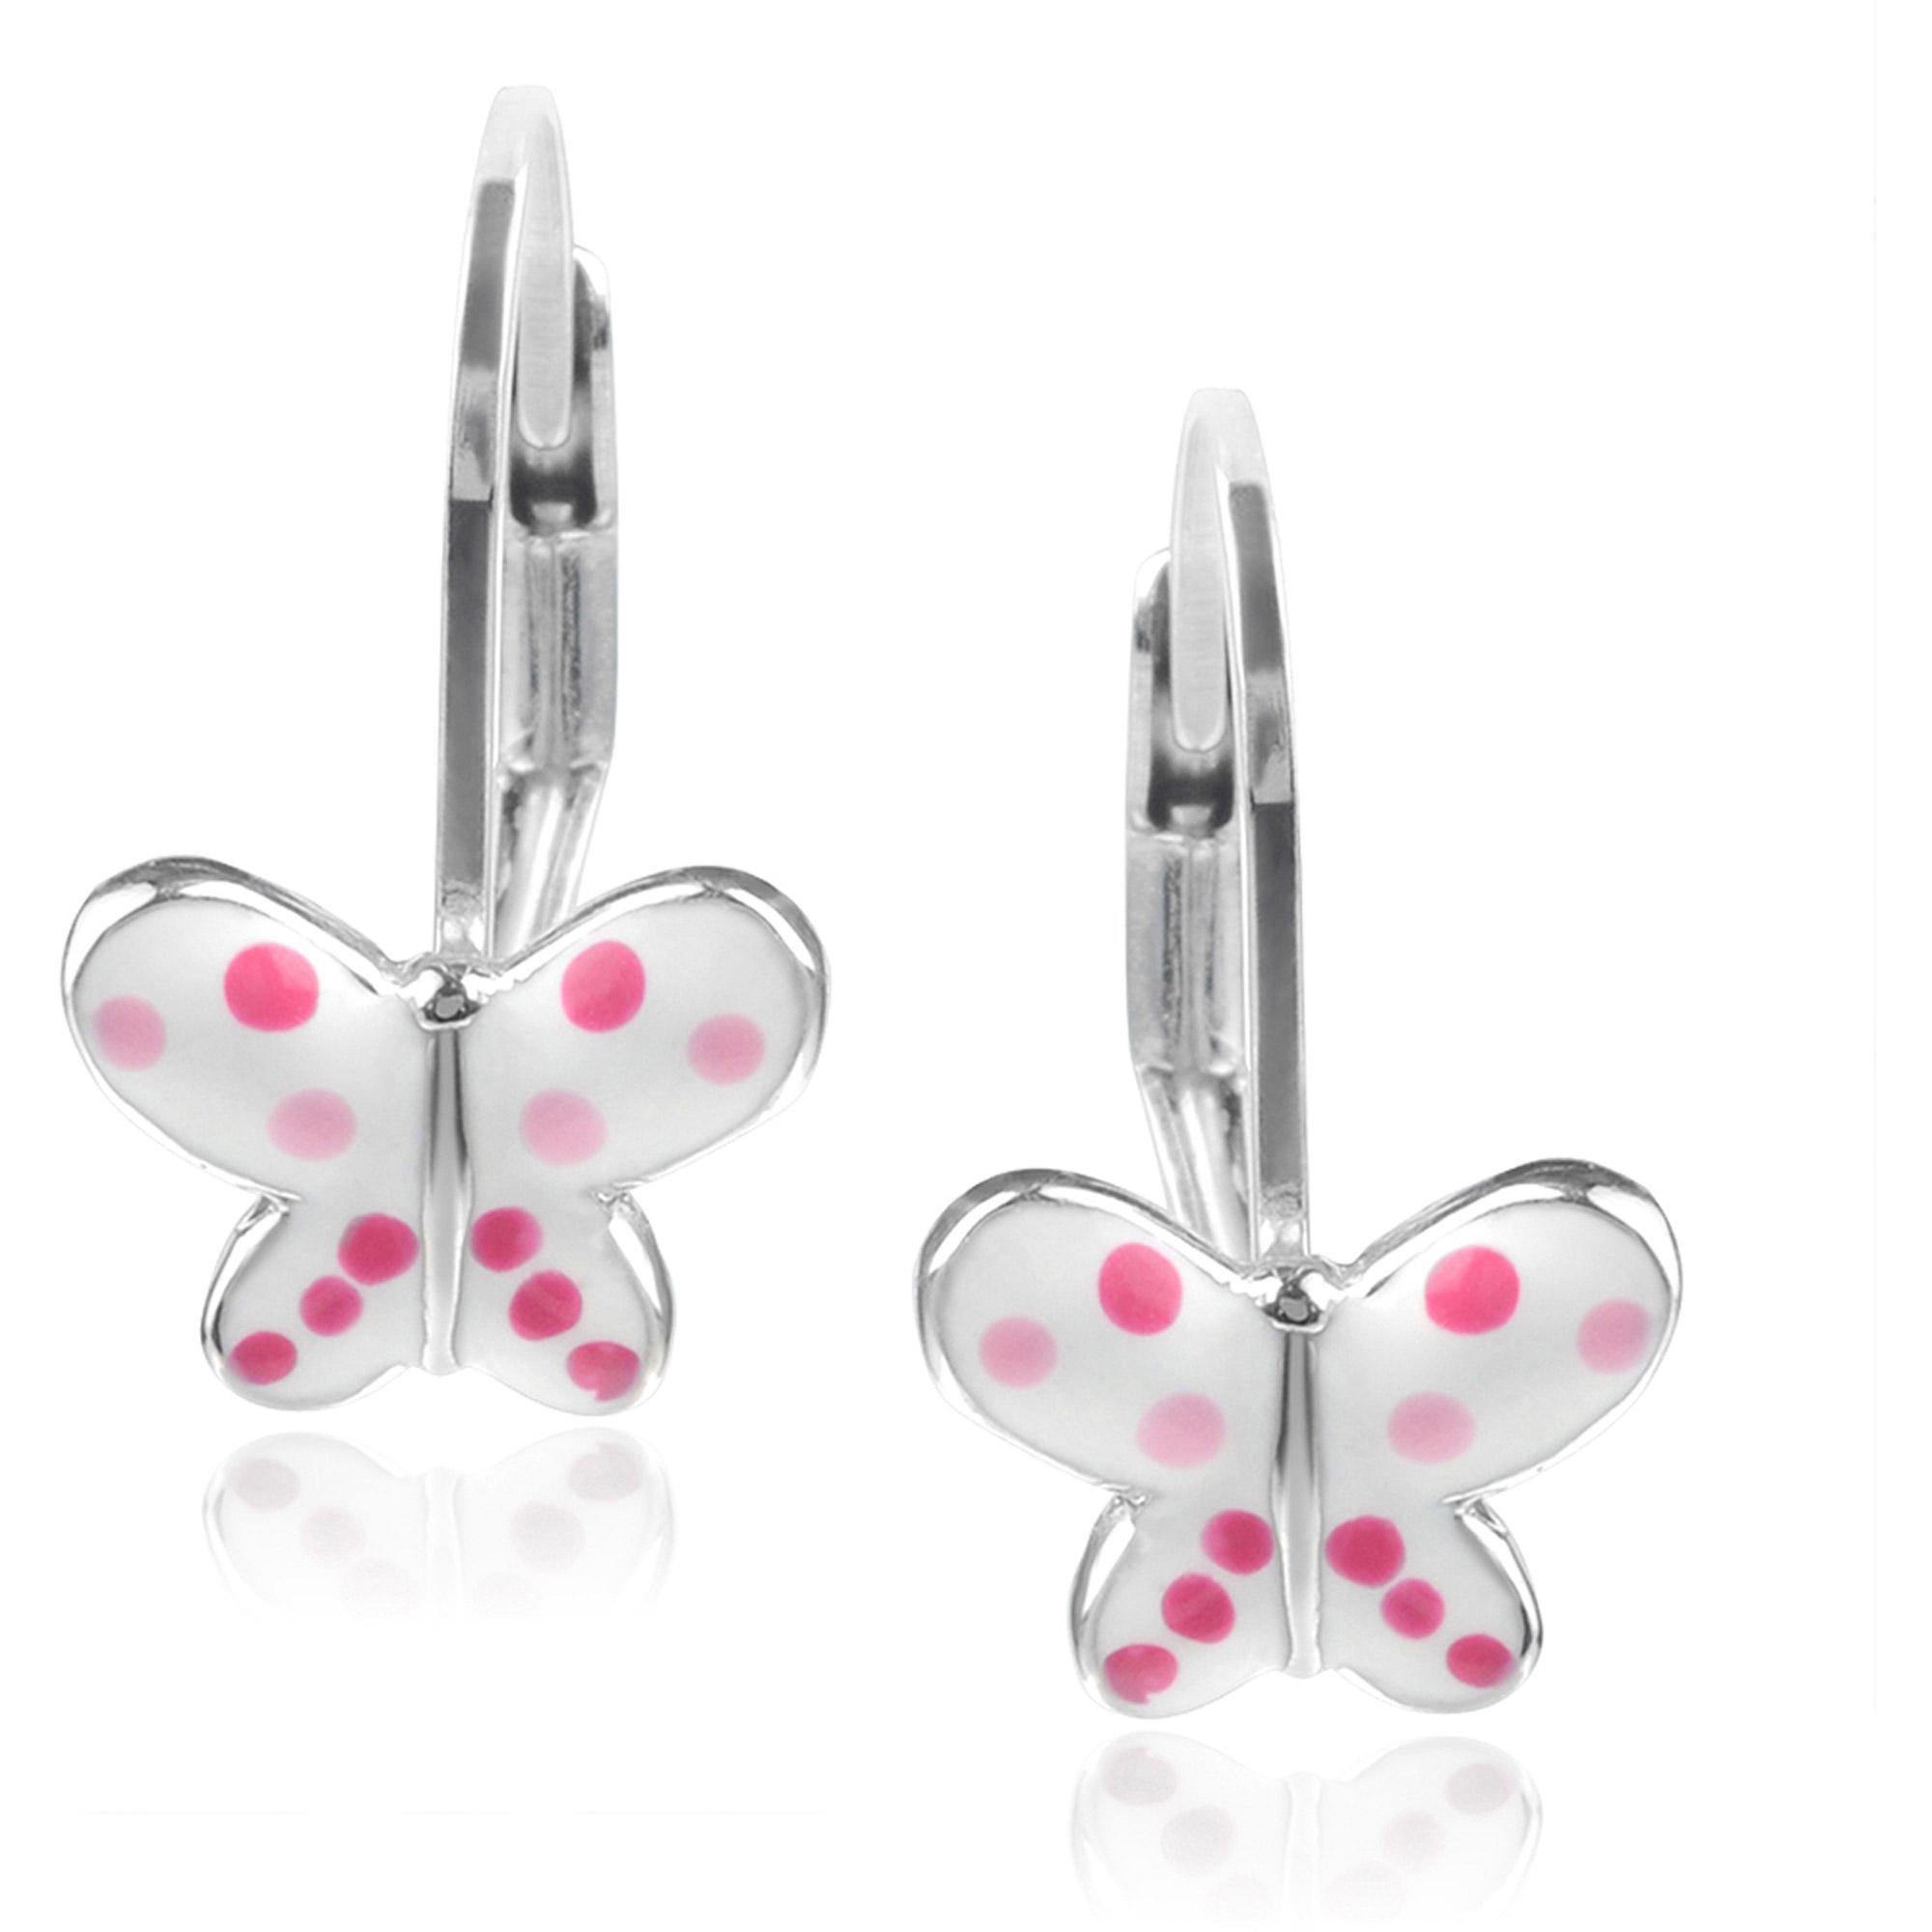 Ear Piercing Earrings